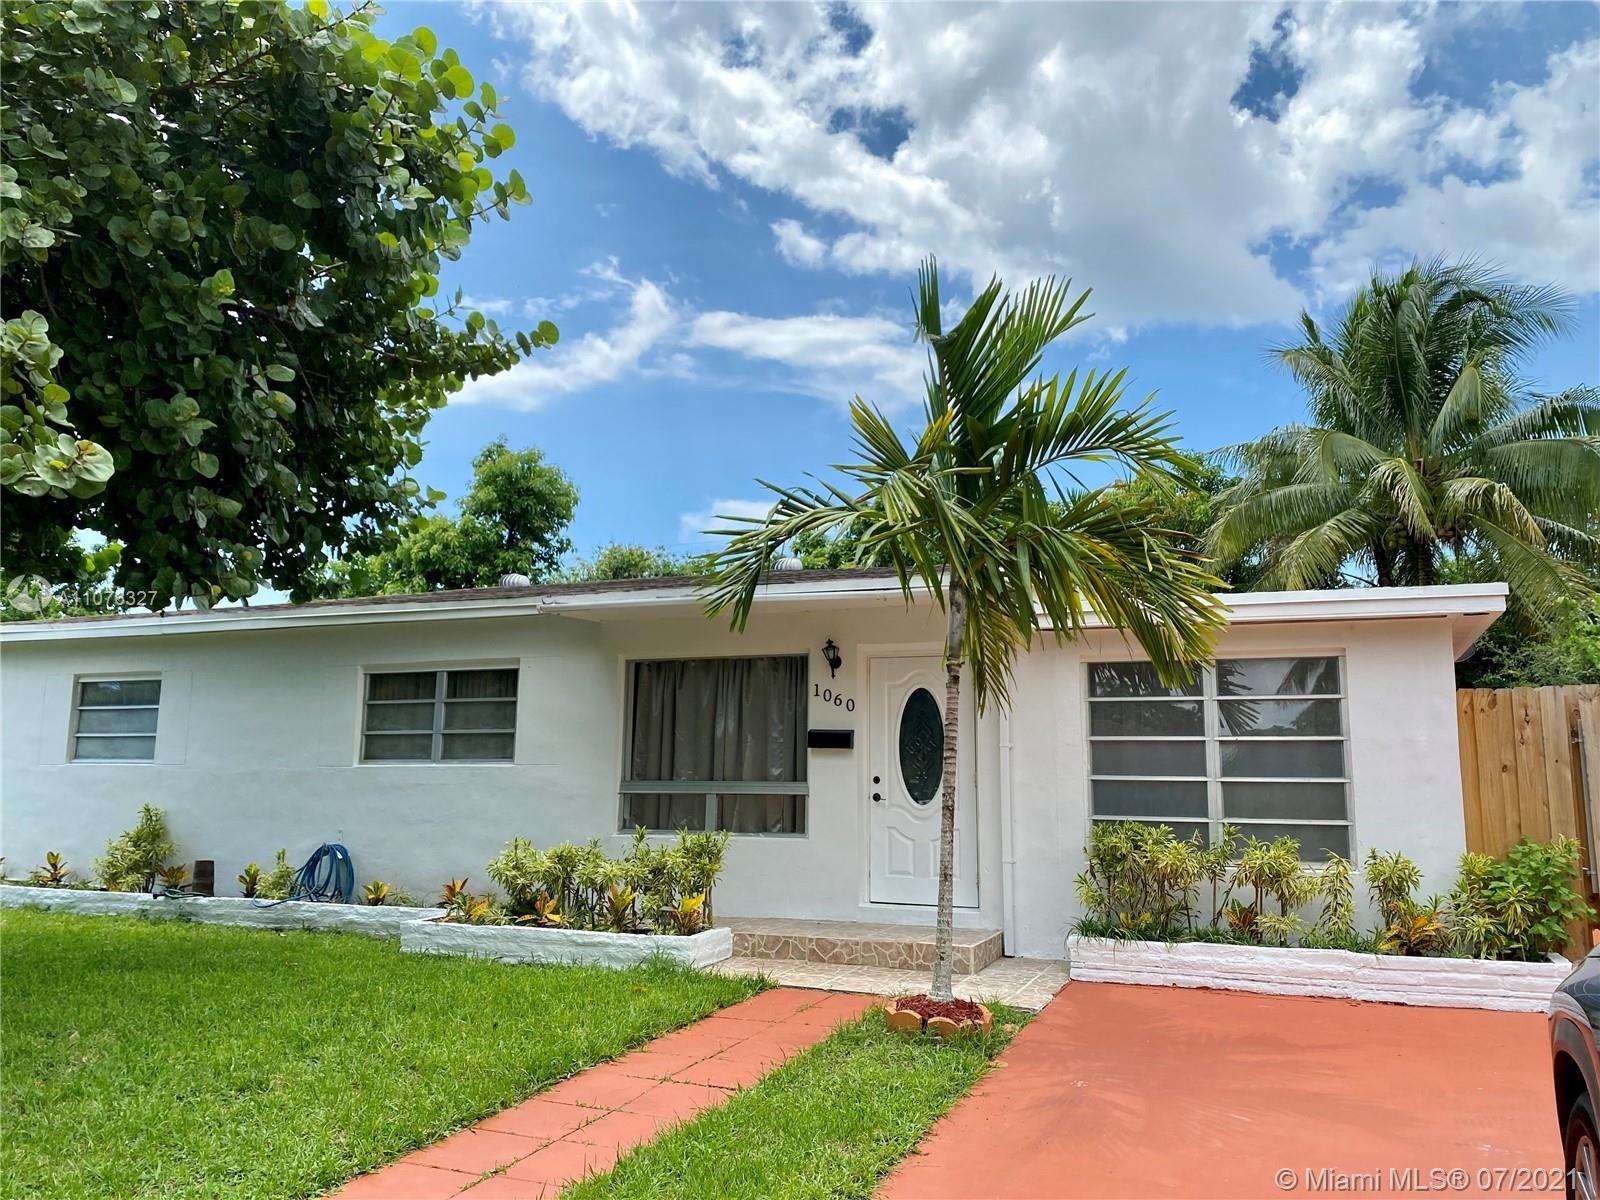 1060 NE 156th St, North Miami Beach, FL 33162 - #: A11076327